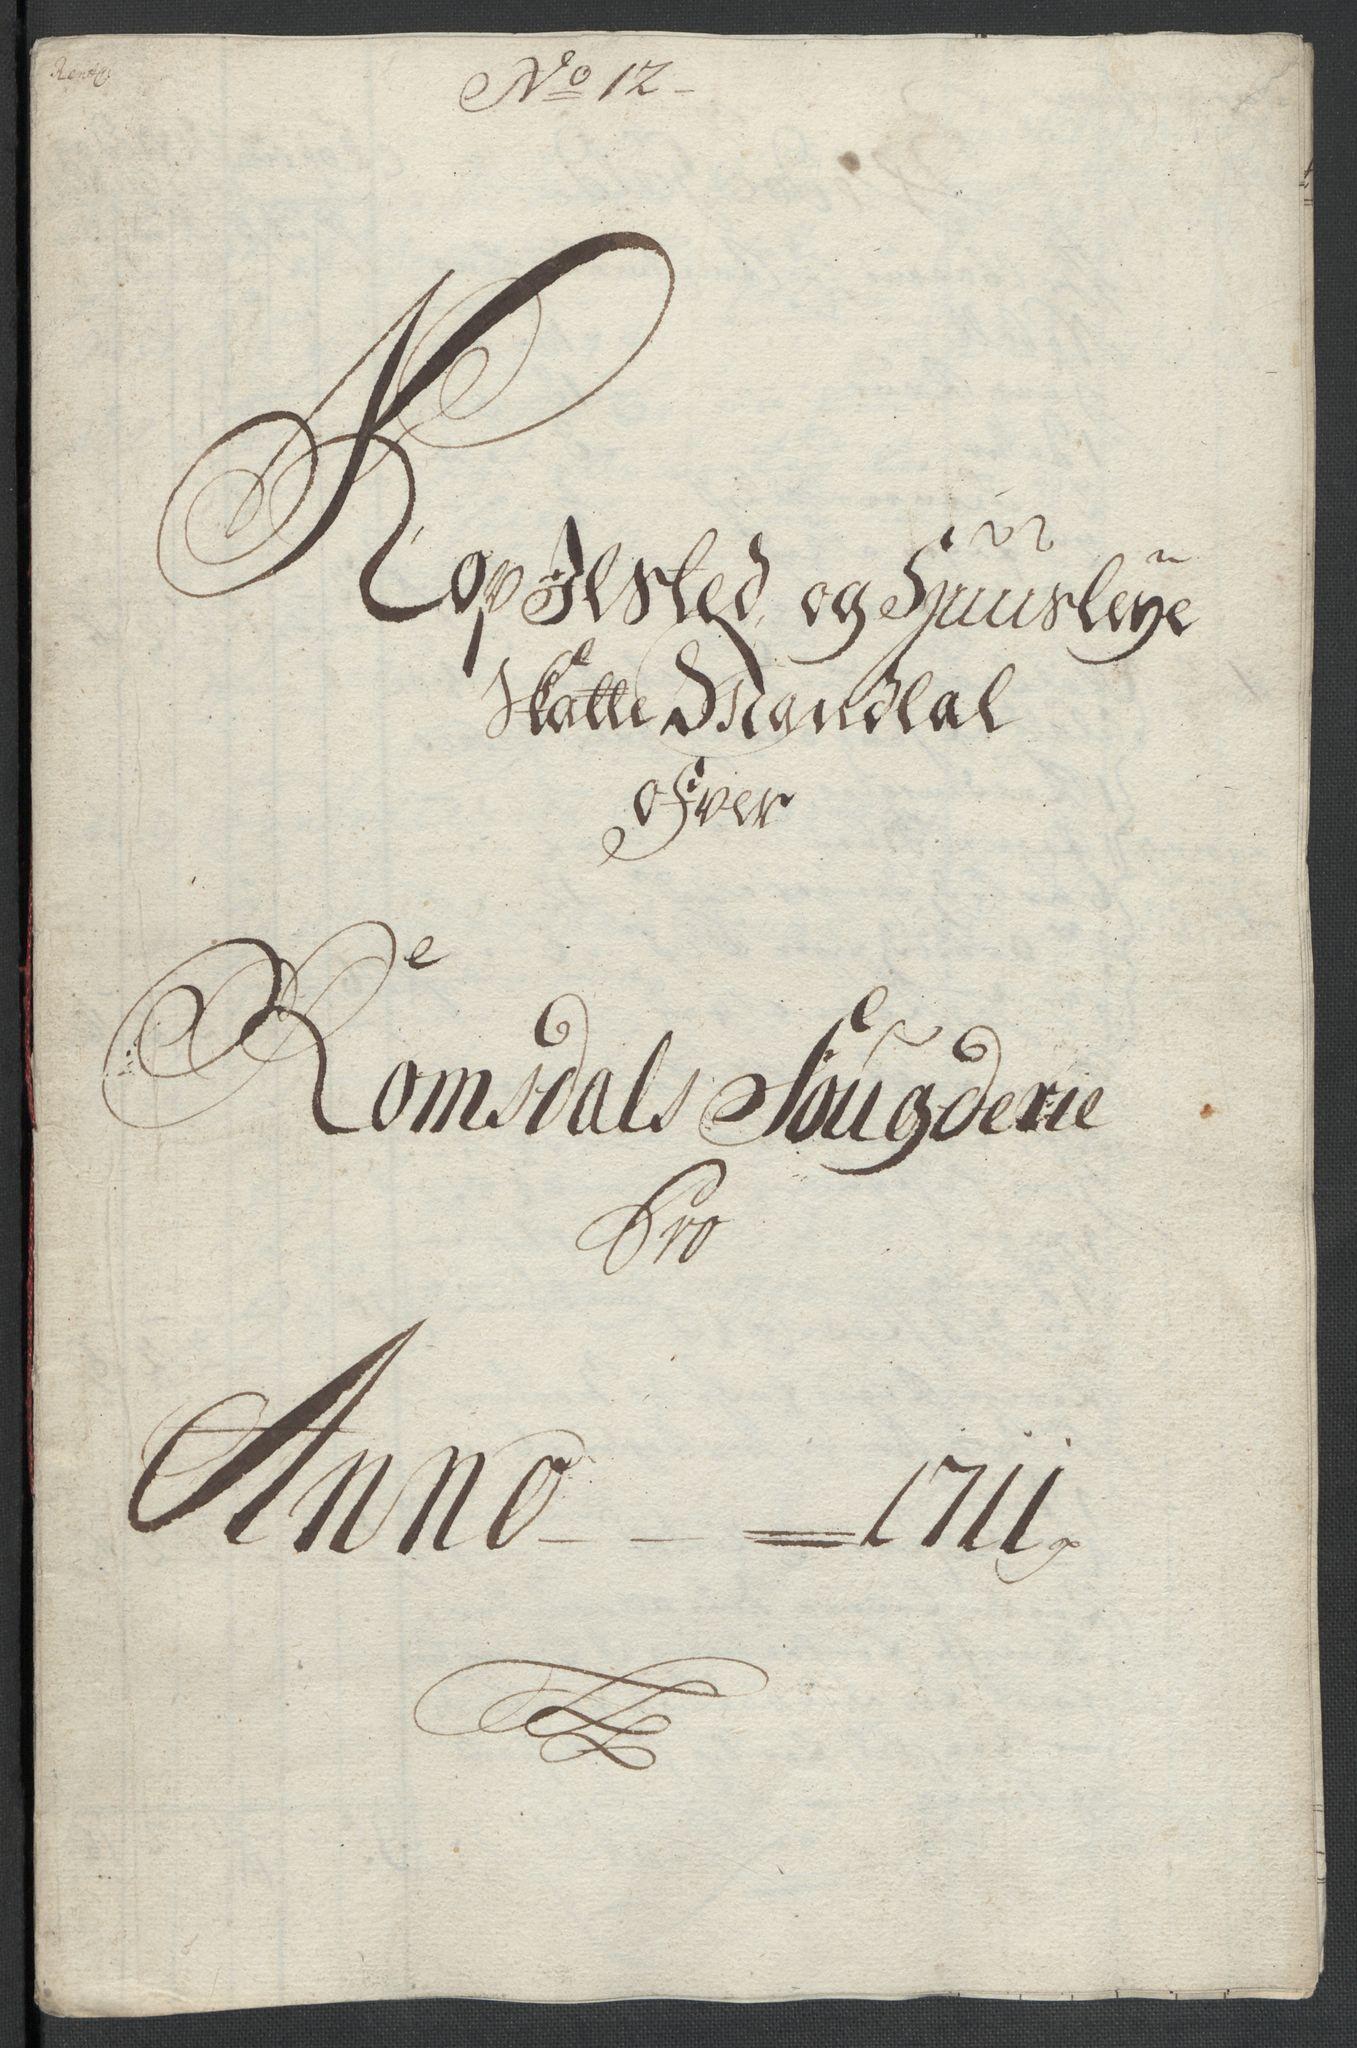 RA, Rentekammeret inntil 1814, Reviderte regnskaper, Fogderegnskap, R55/L3660: Fogderegnskap Romsdal, 1711, s. 217